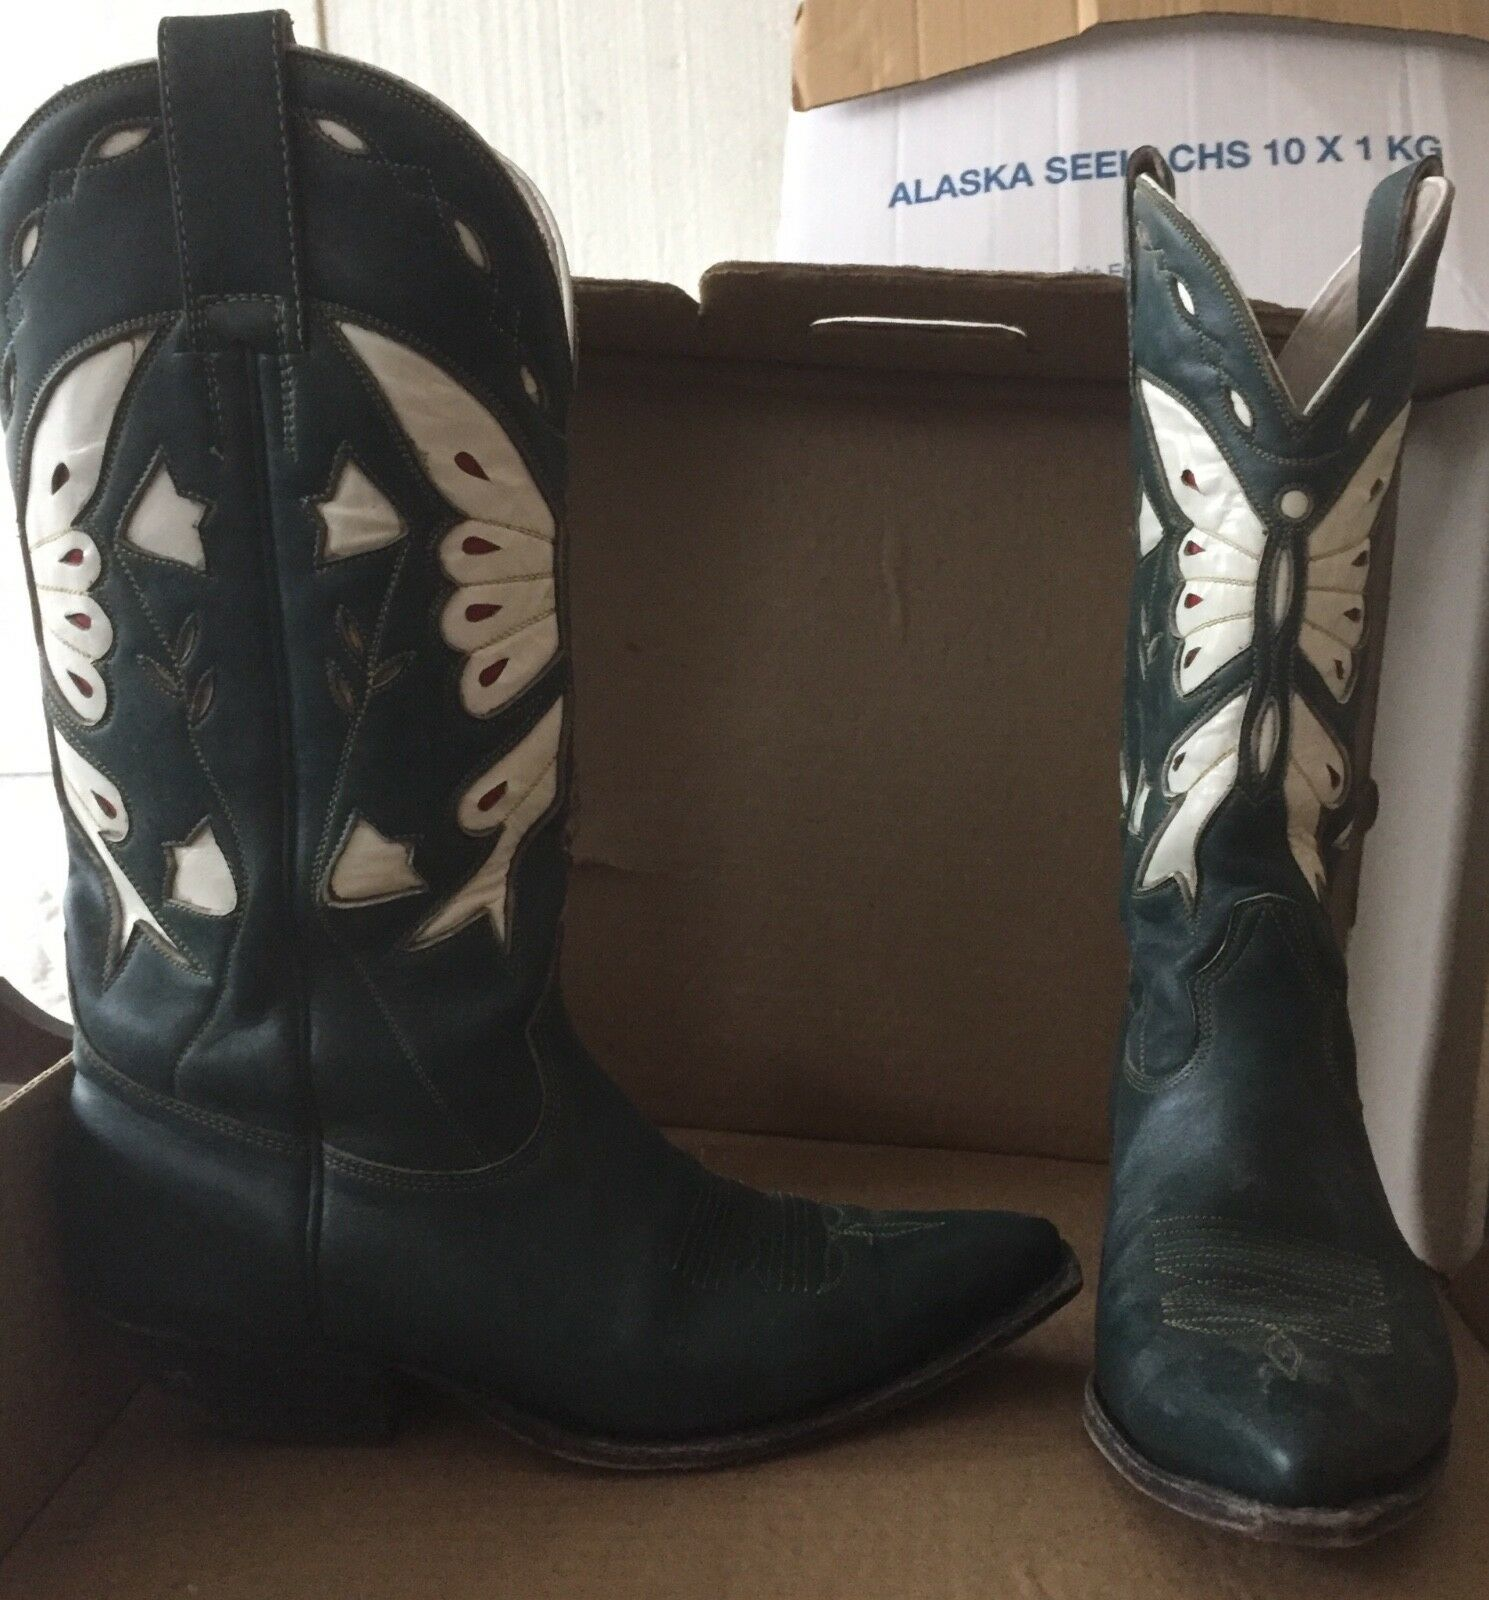 Sehr sehr schöne grüne Leder Western Cowboy 8,5 Stiefel, Damen, SELTEN Gr. 8,5 Cowboy baa800